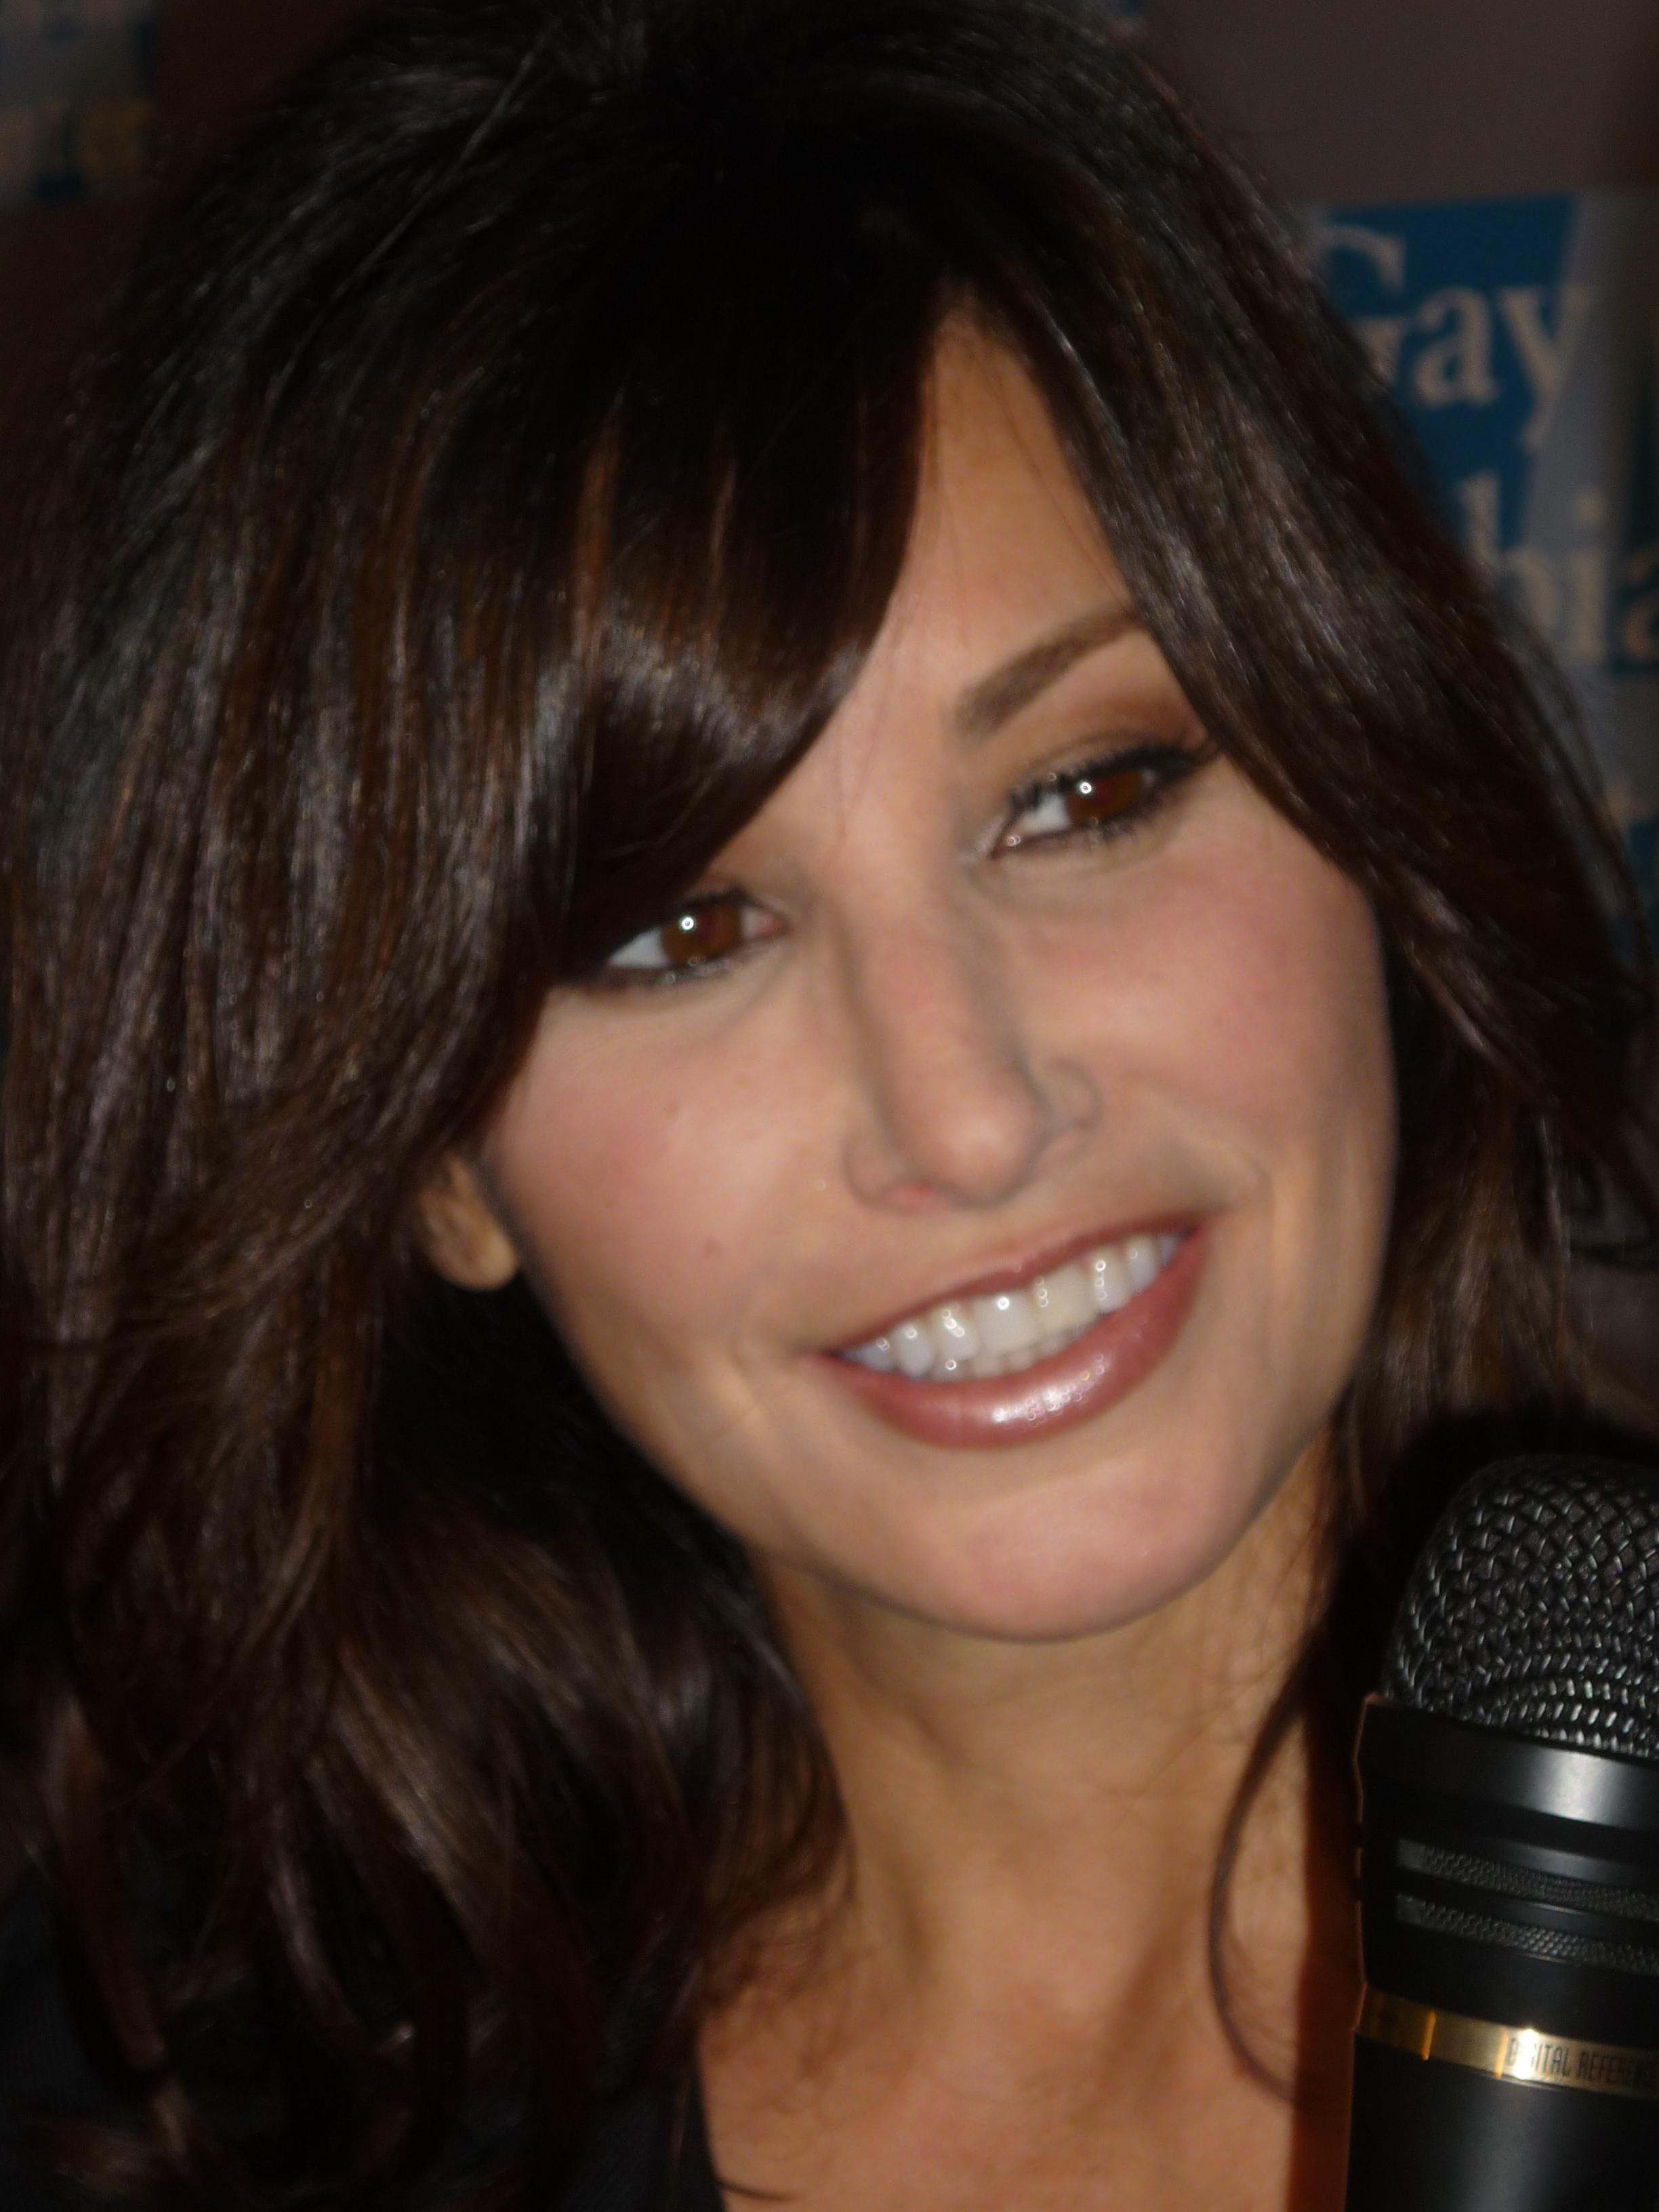 Gina Gershon actress